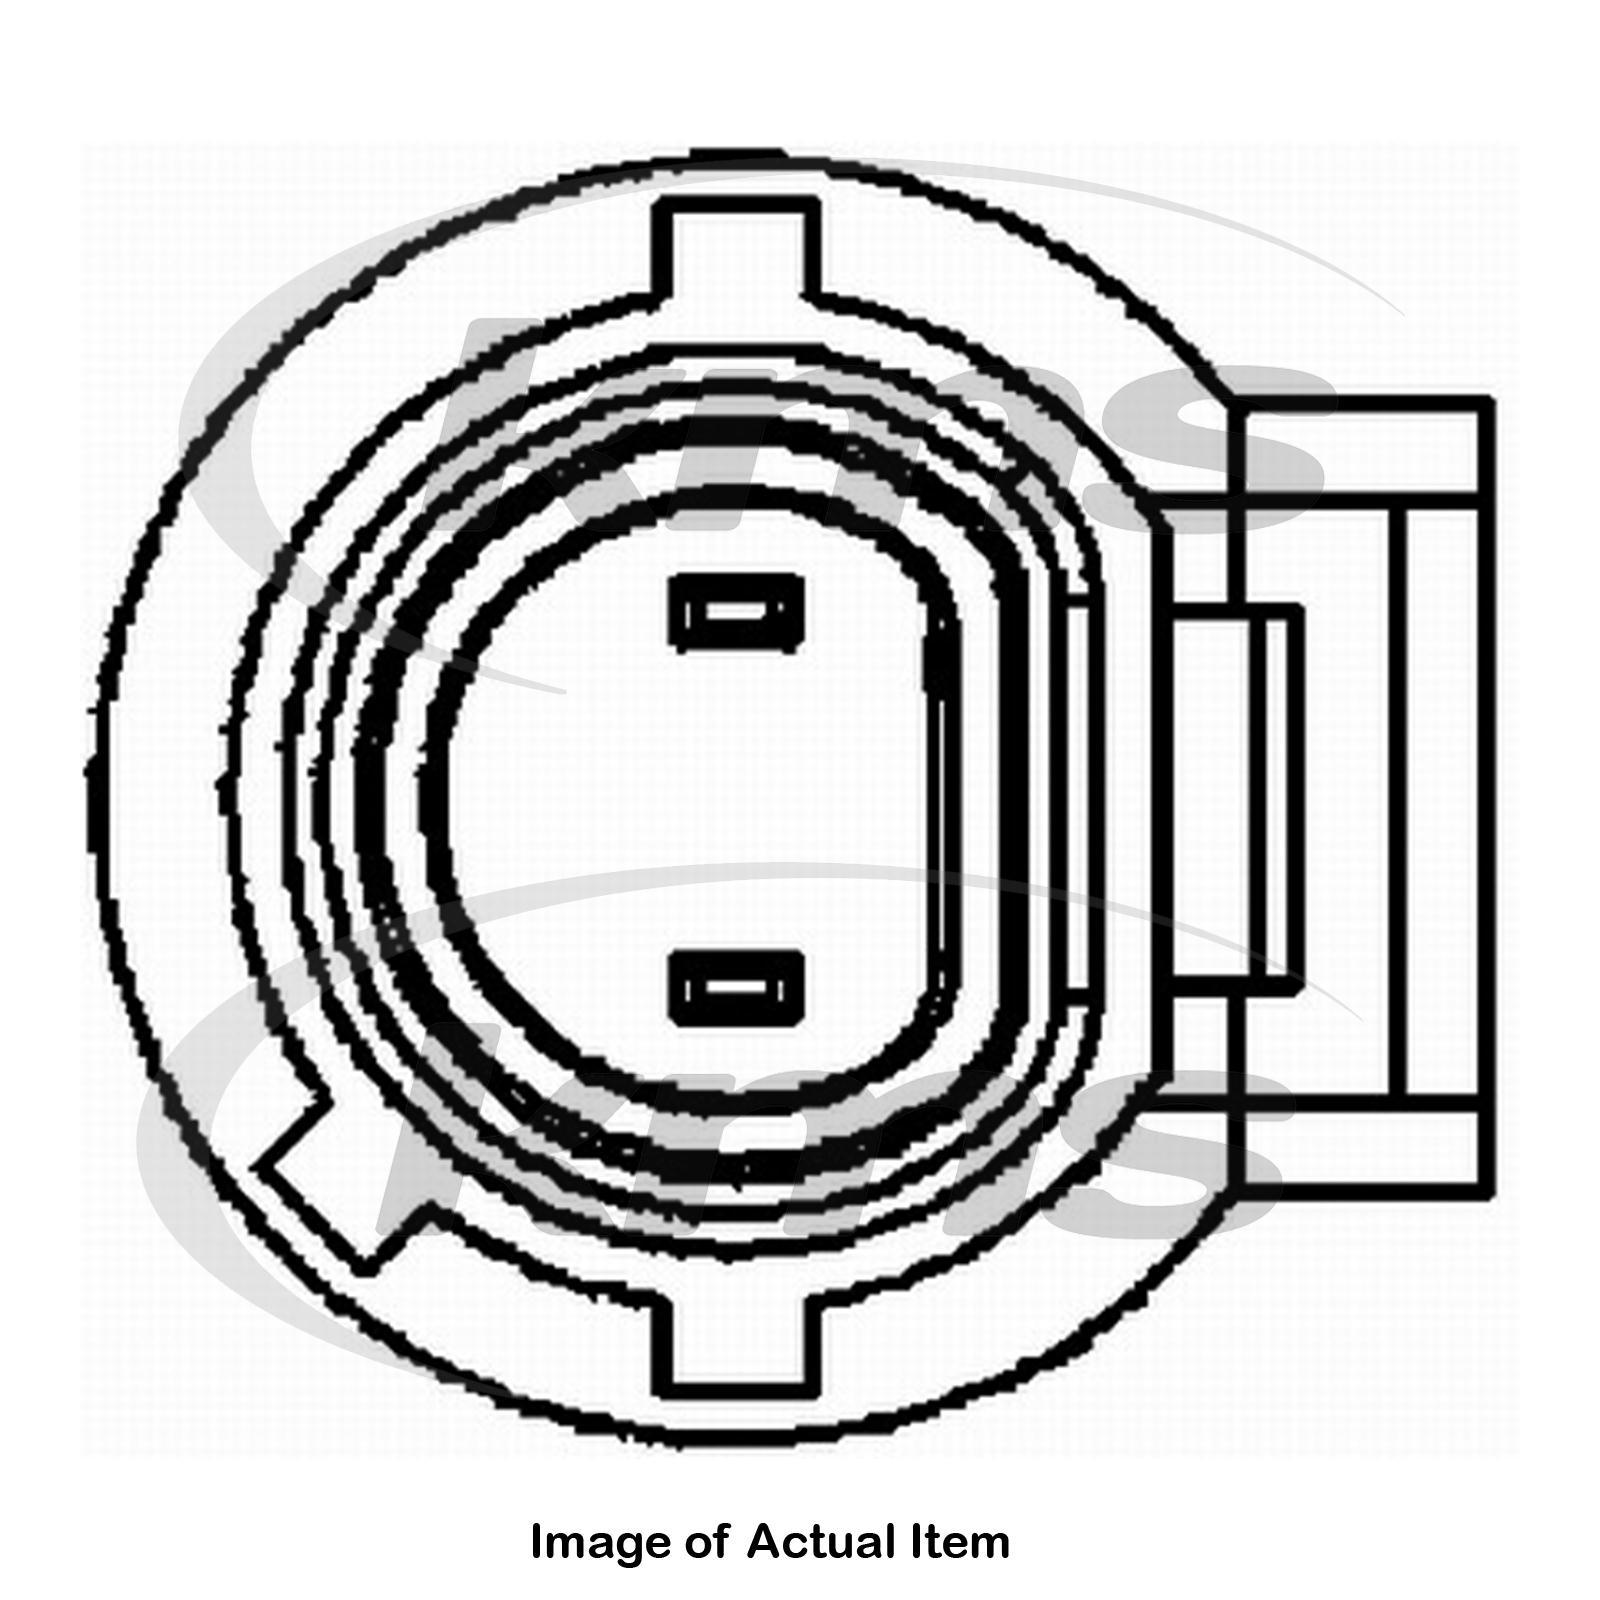 renault megane window motor wiring diagram 3 phase panel clio 2 database usa ii